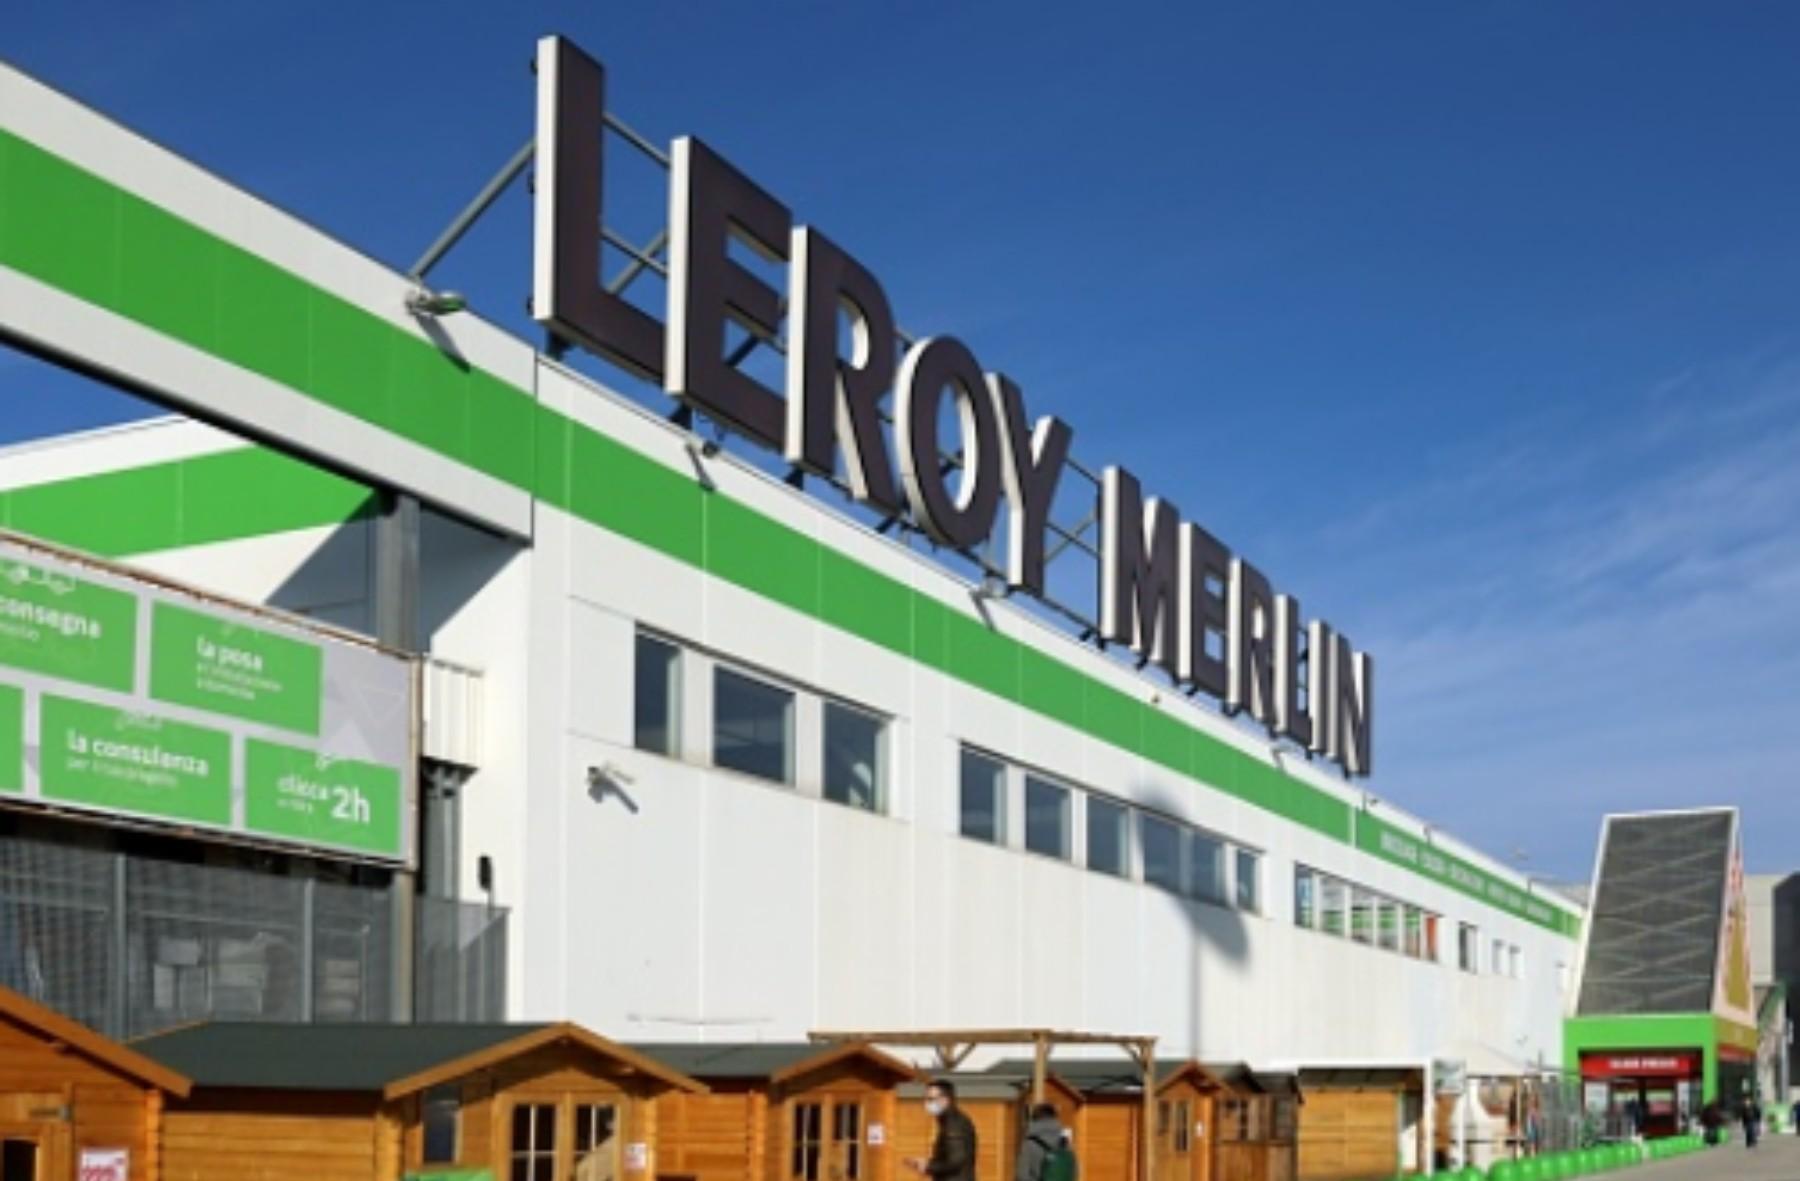 Estos son los tesoros del Outlet de Leroy Merlin para decorar tu salón con 50 euros